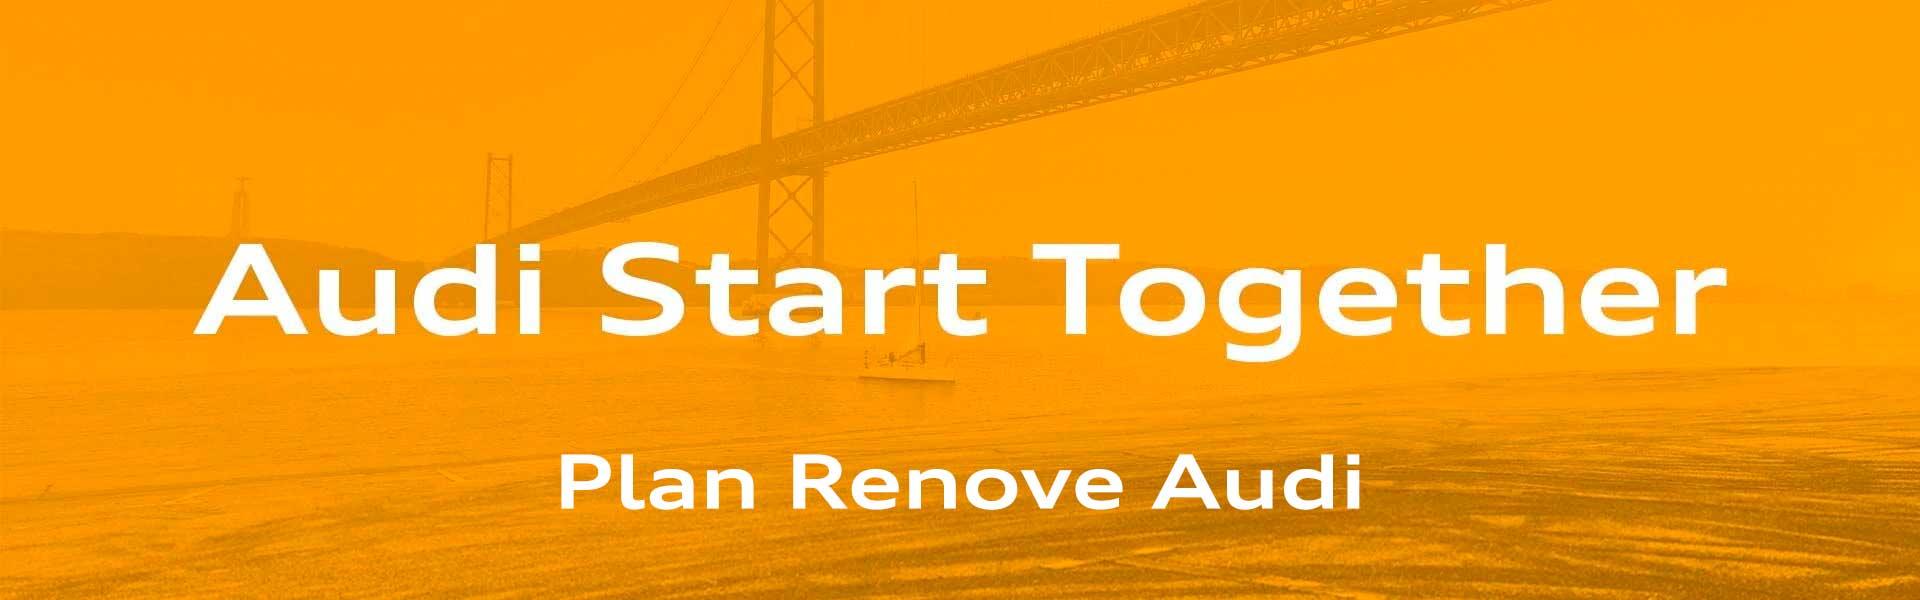 cabecera-Audi-Start-Together-Plan-renove